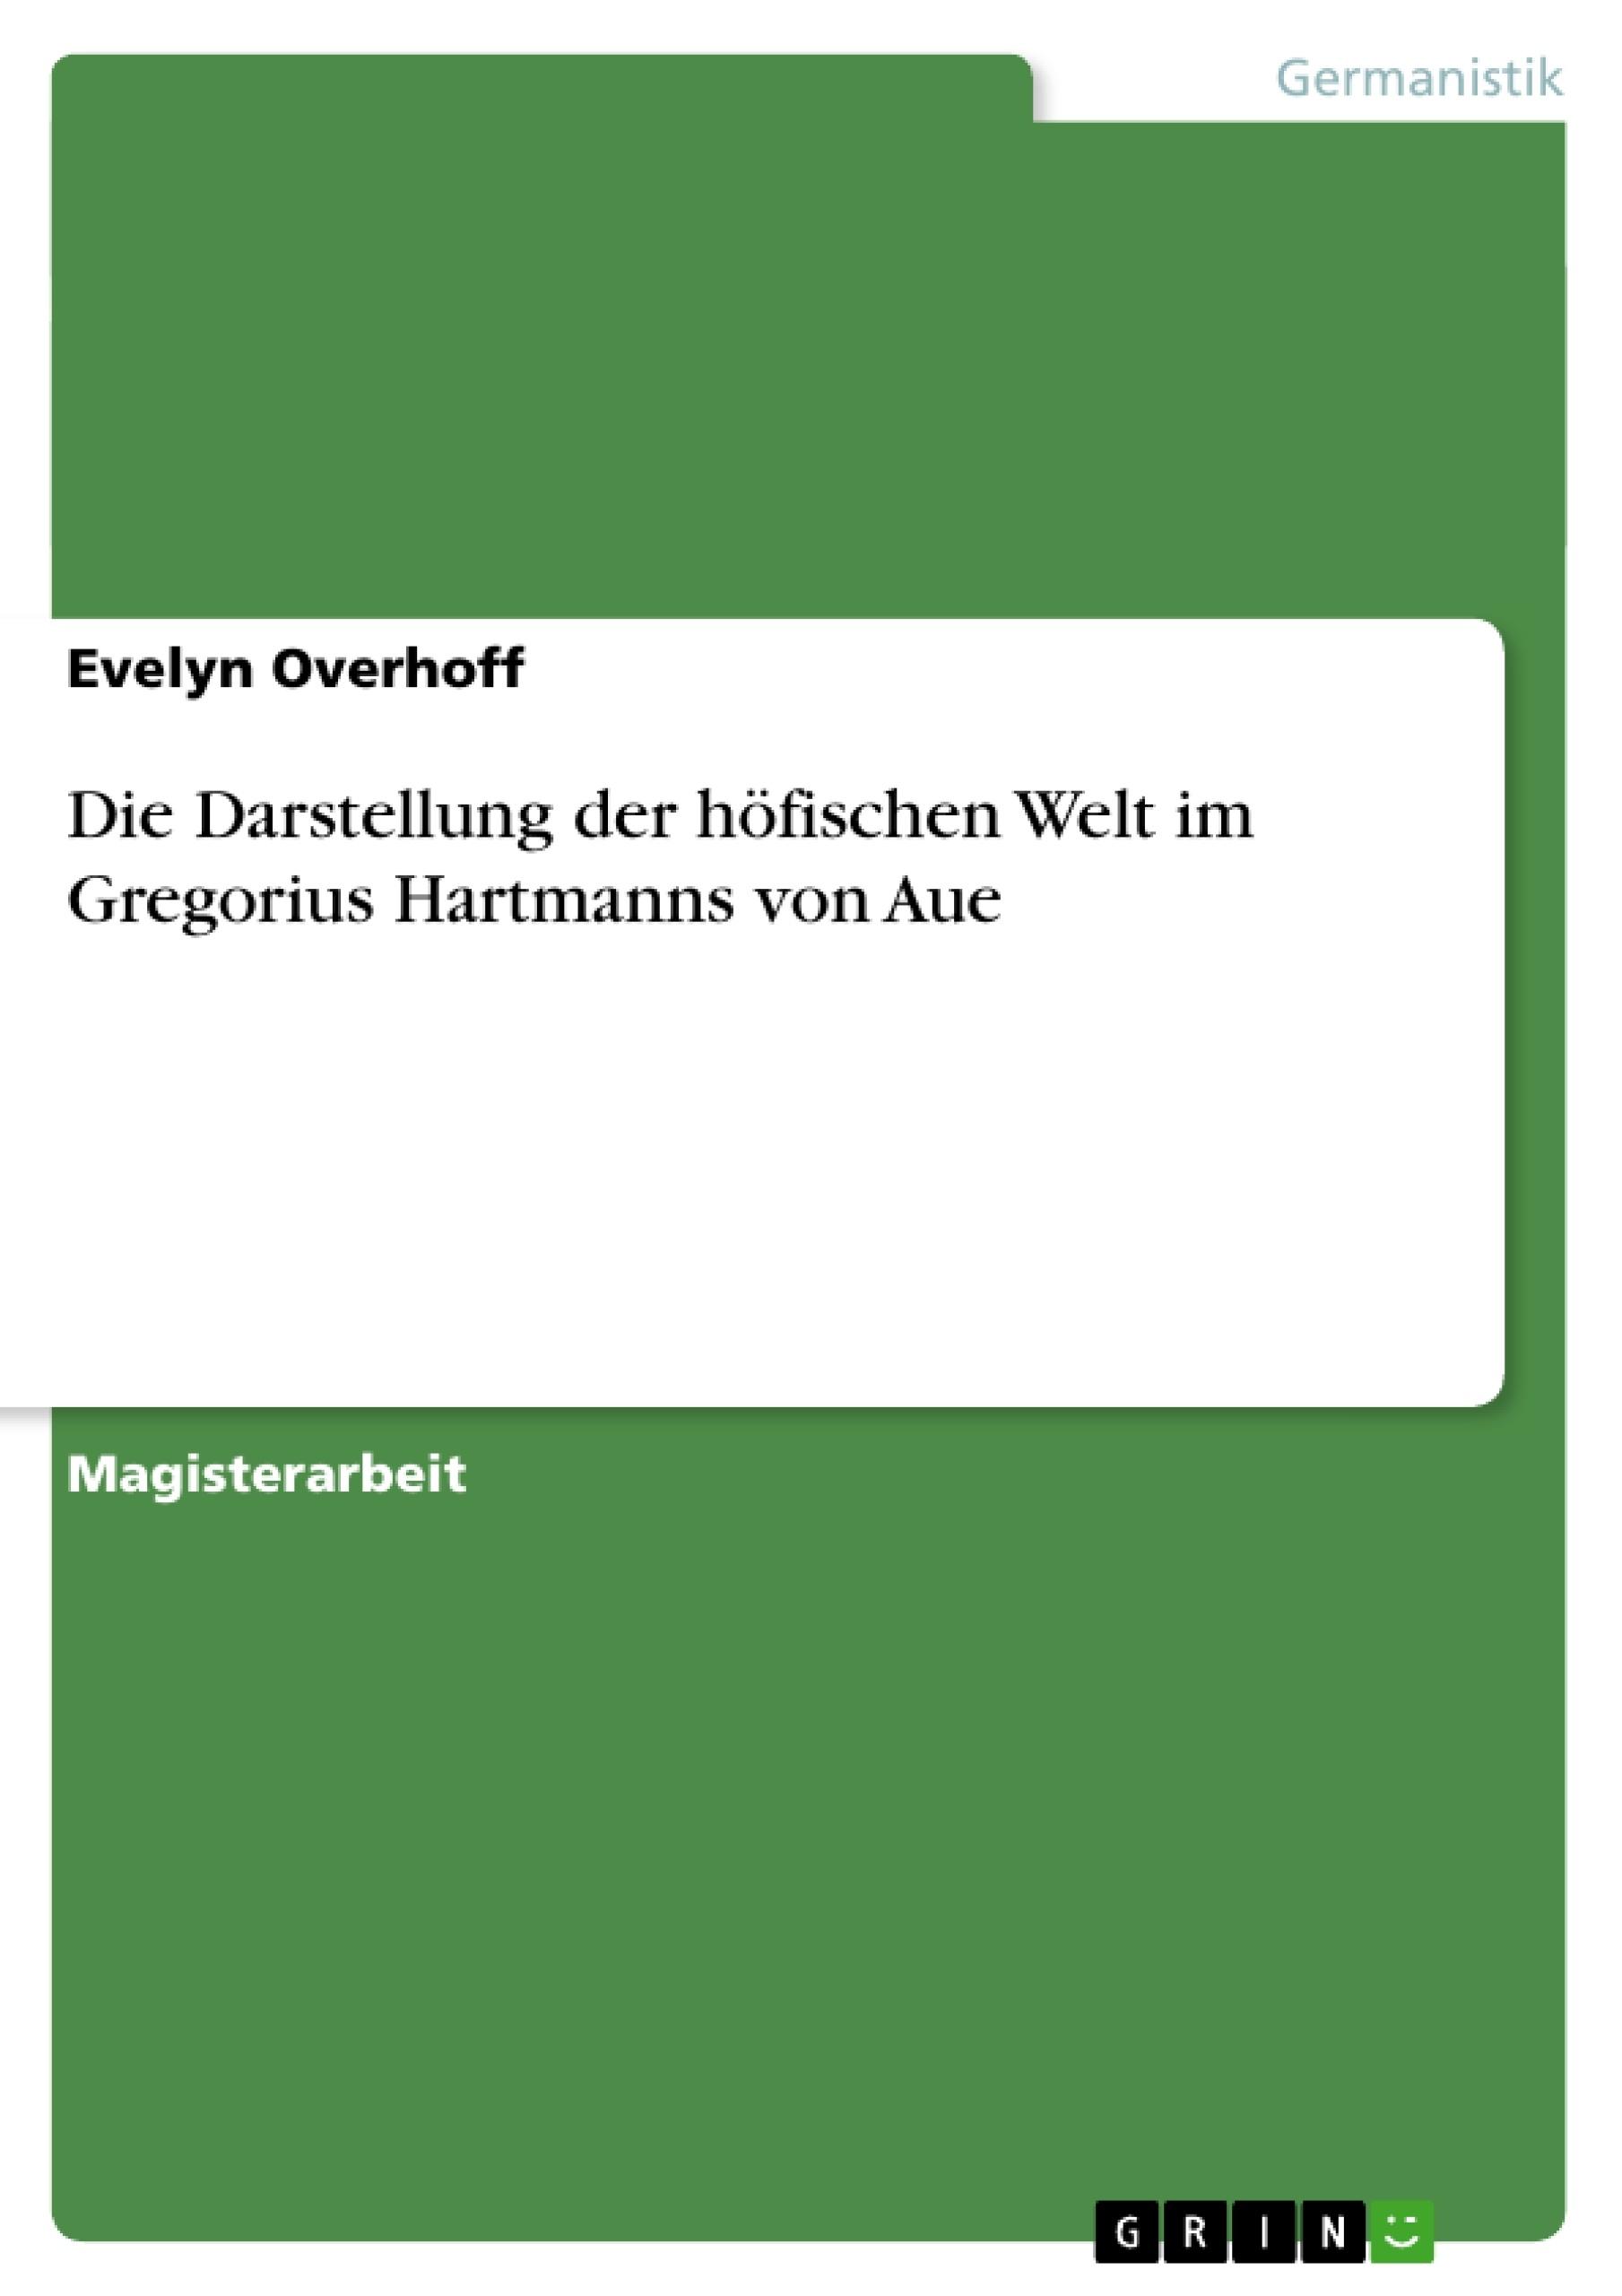 Titel: Die Darstellung der höfischen Welt im Gregorius Hartmanns von Aue